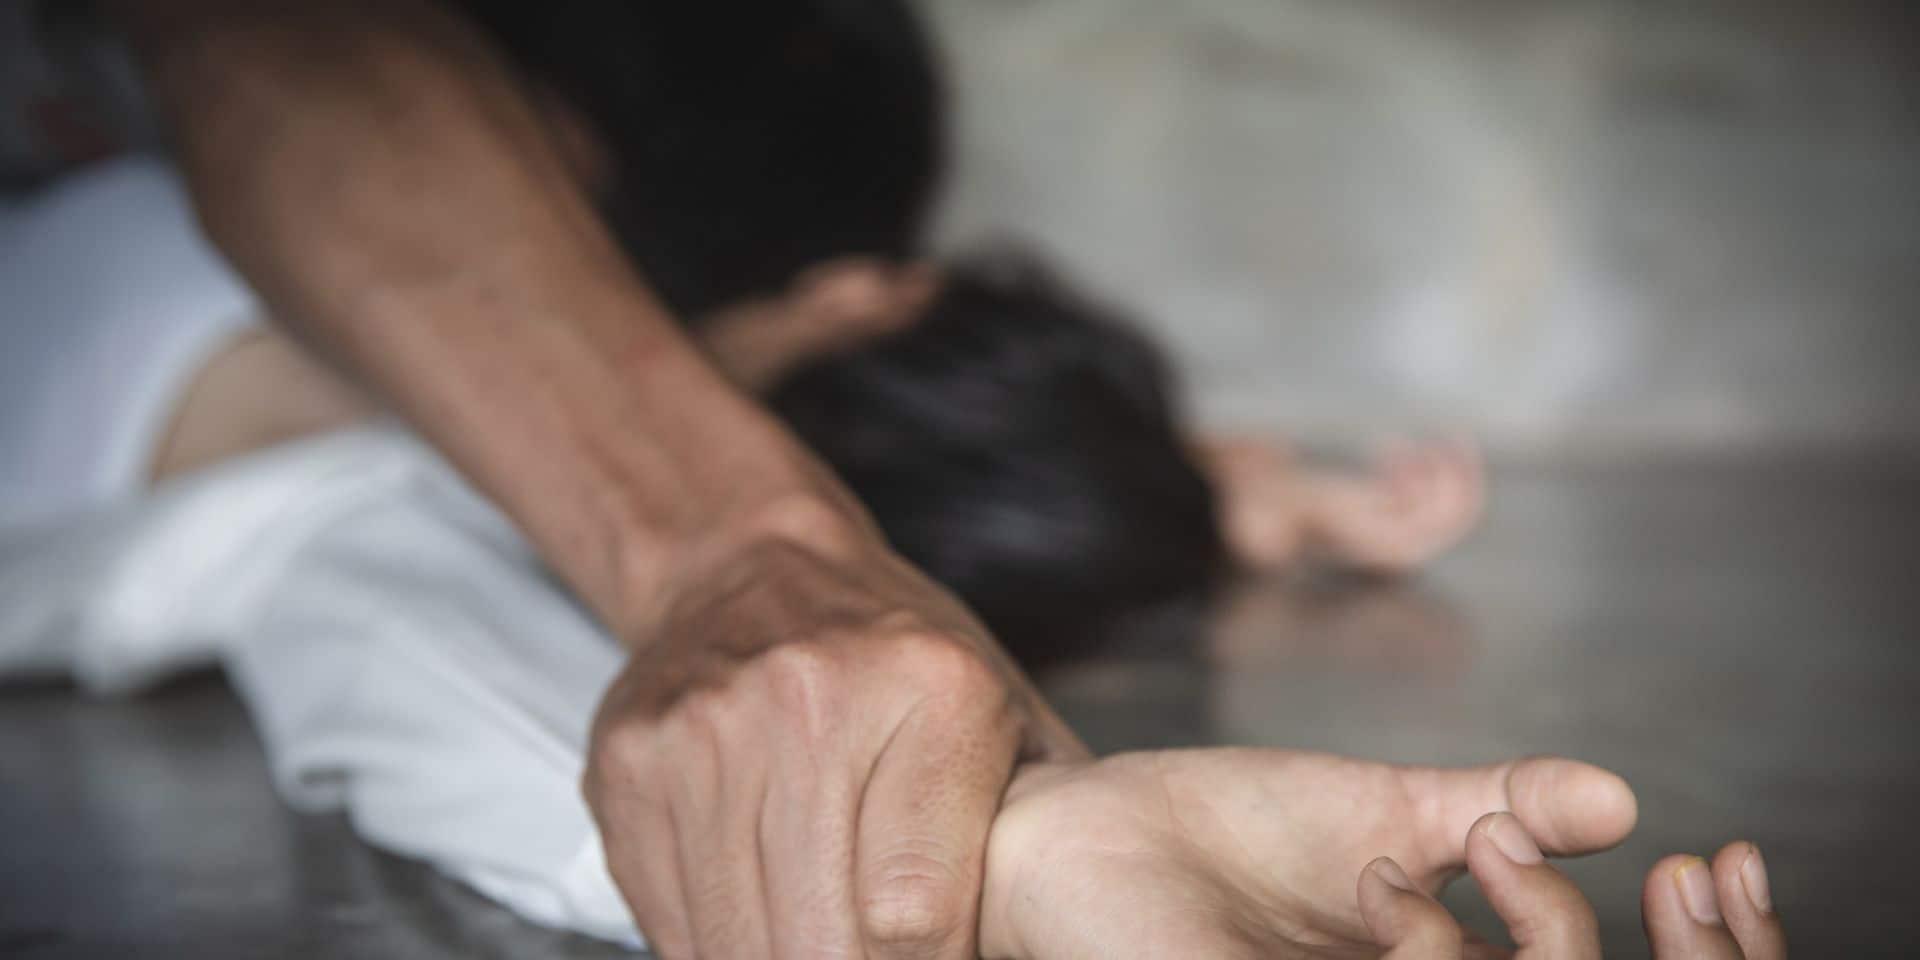 En Suède, les condamnations pour viol ont augmenté de 75% en deux ans